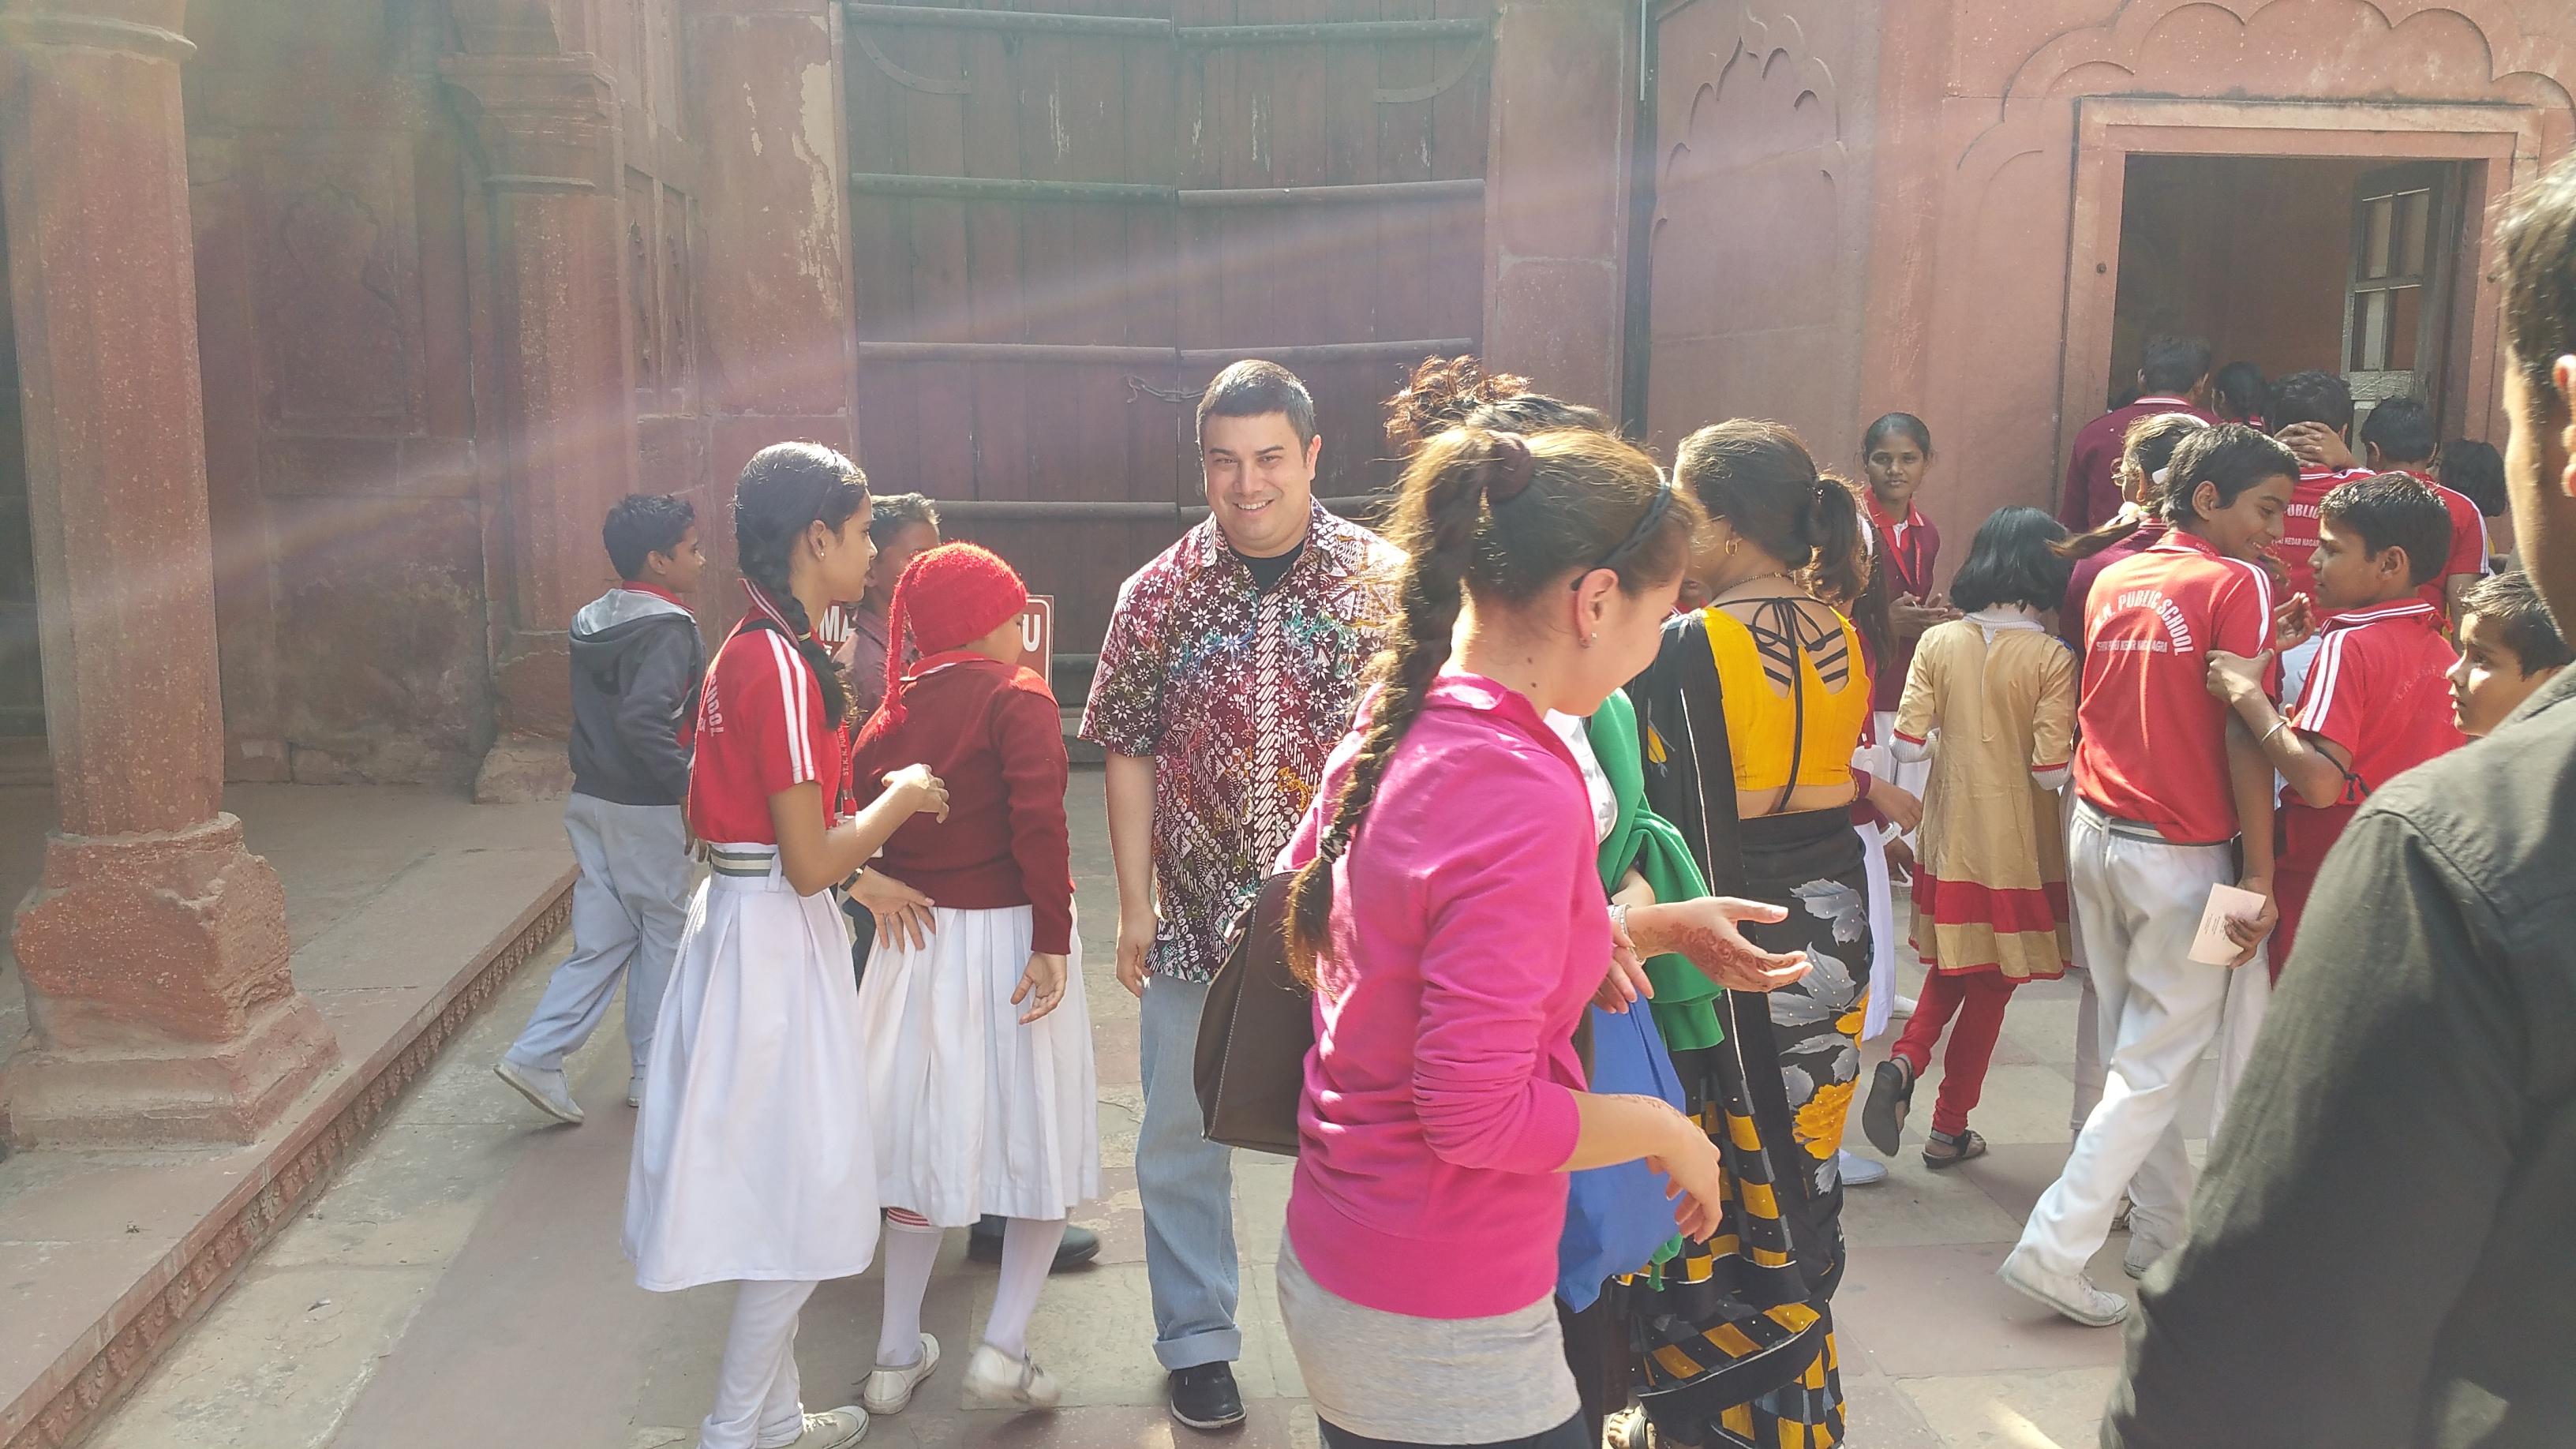 Indian students like Aida and Zarina - Taj Mahal - Agra, India.